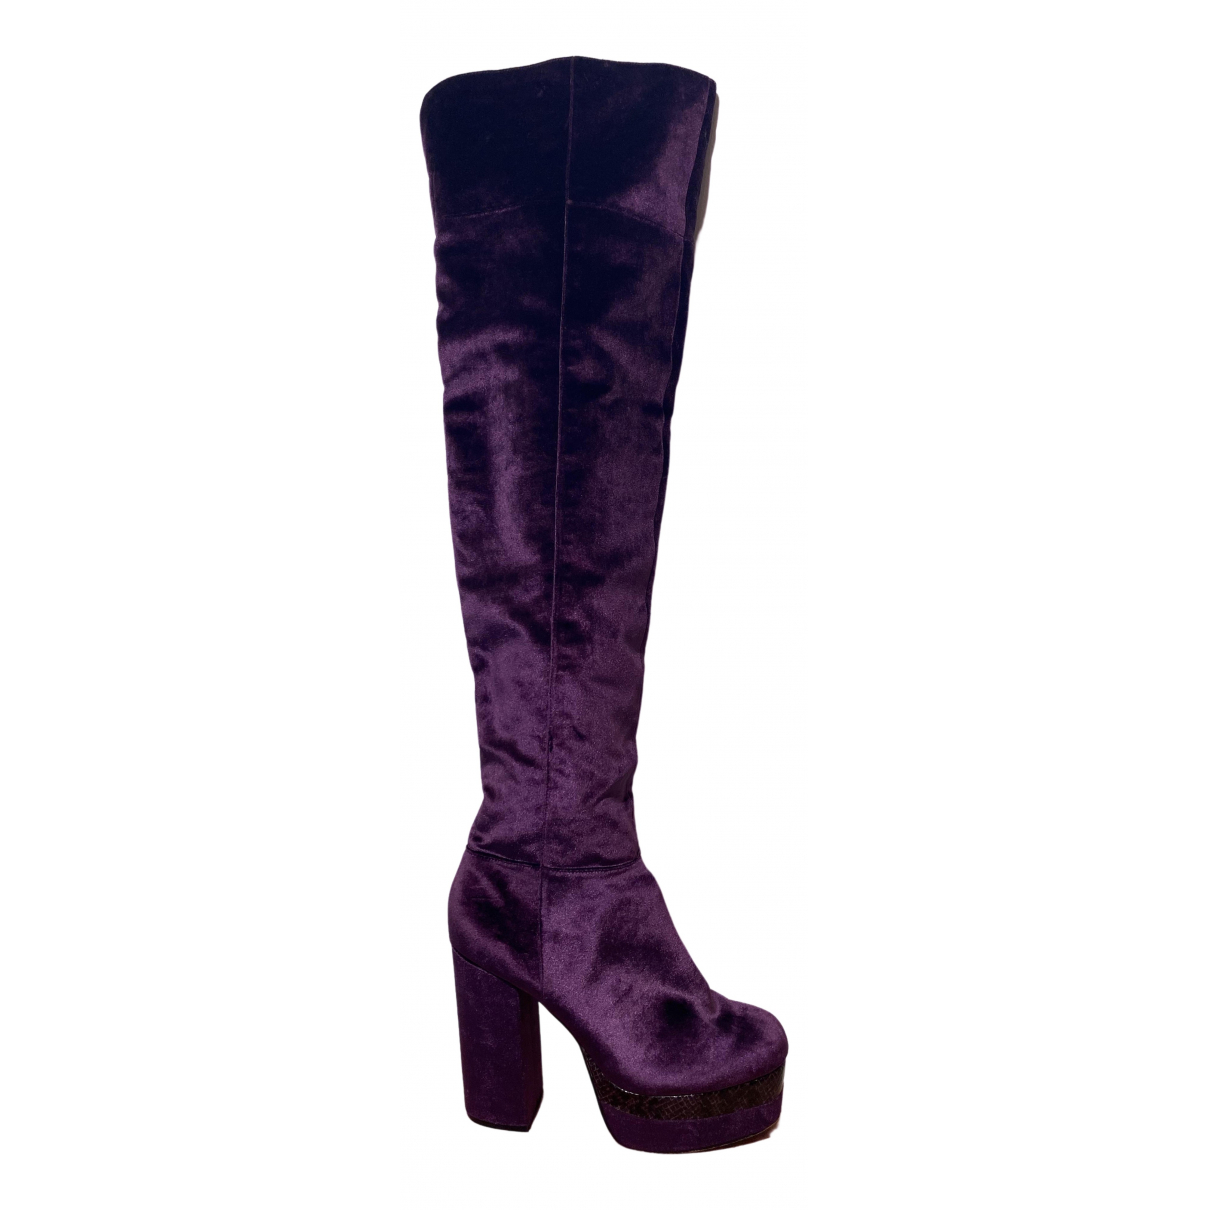 Asos - Bottes   pour femme en velours - violet